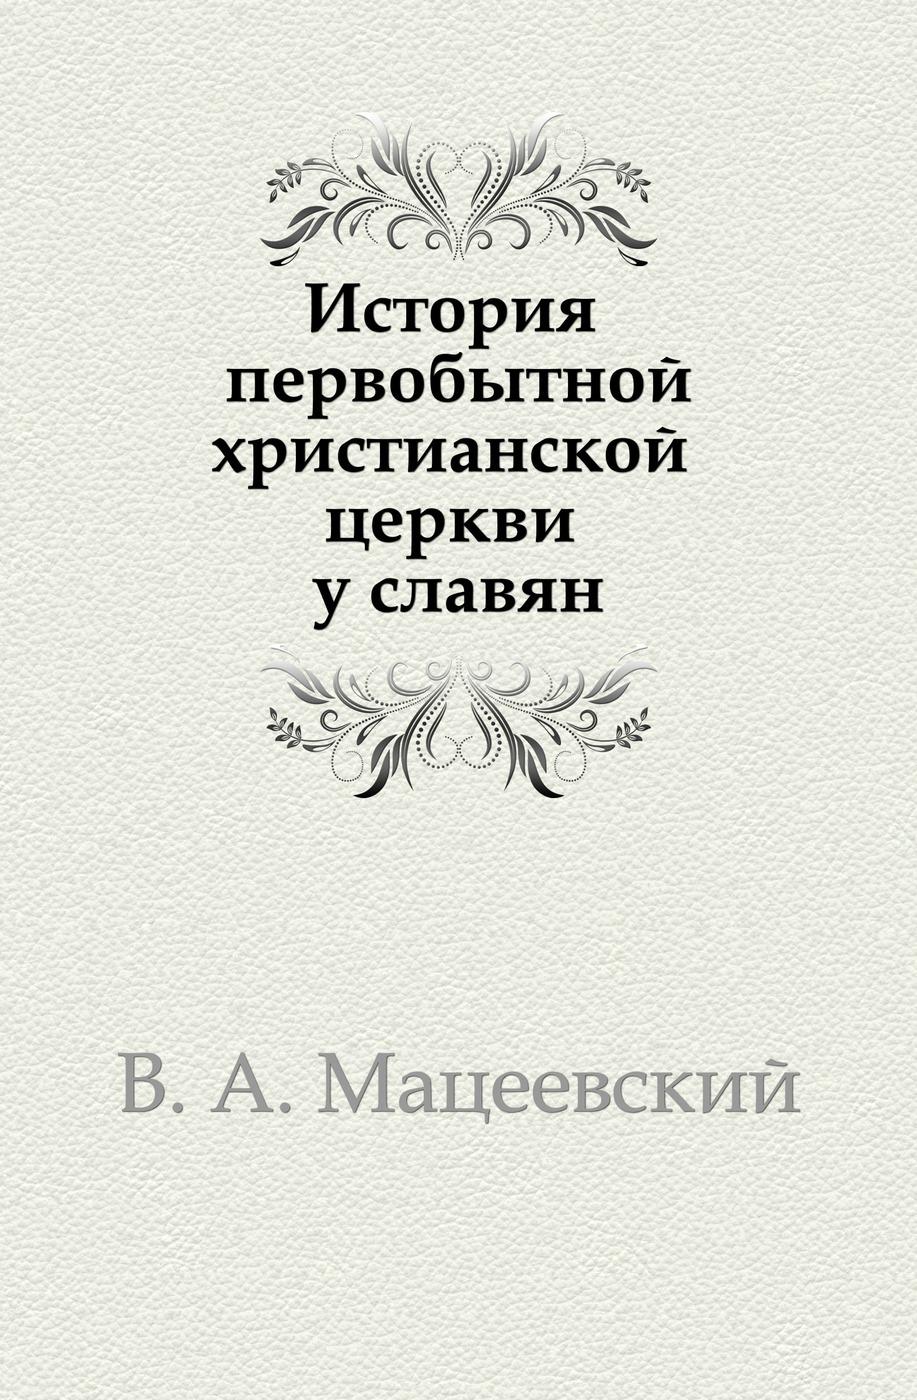 История первобытной христианской церкви у славян